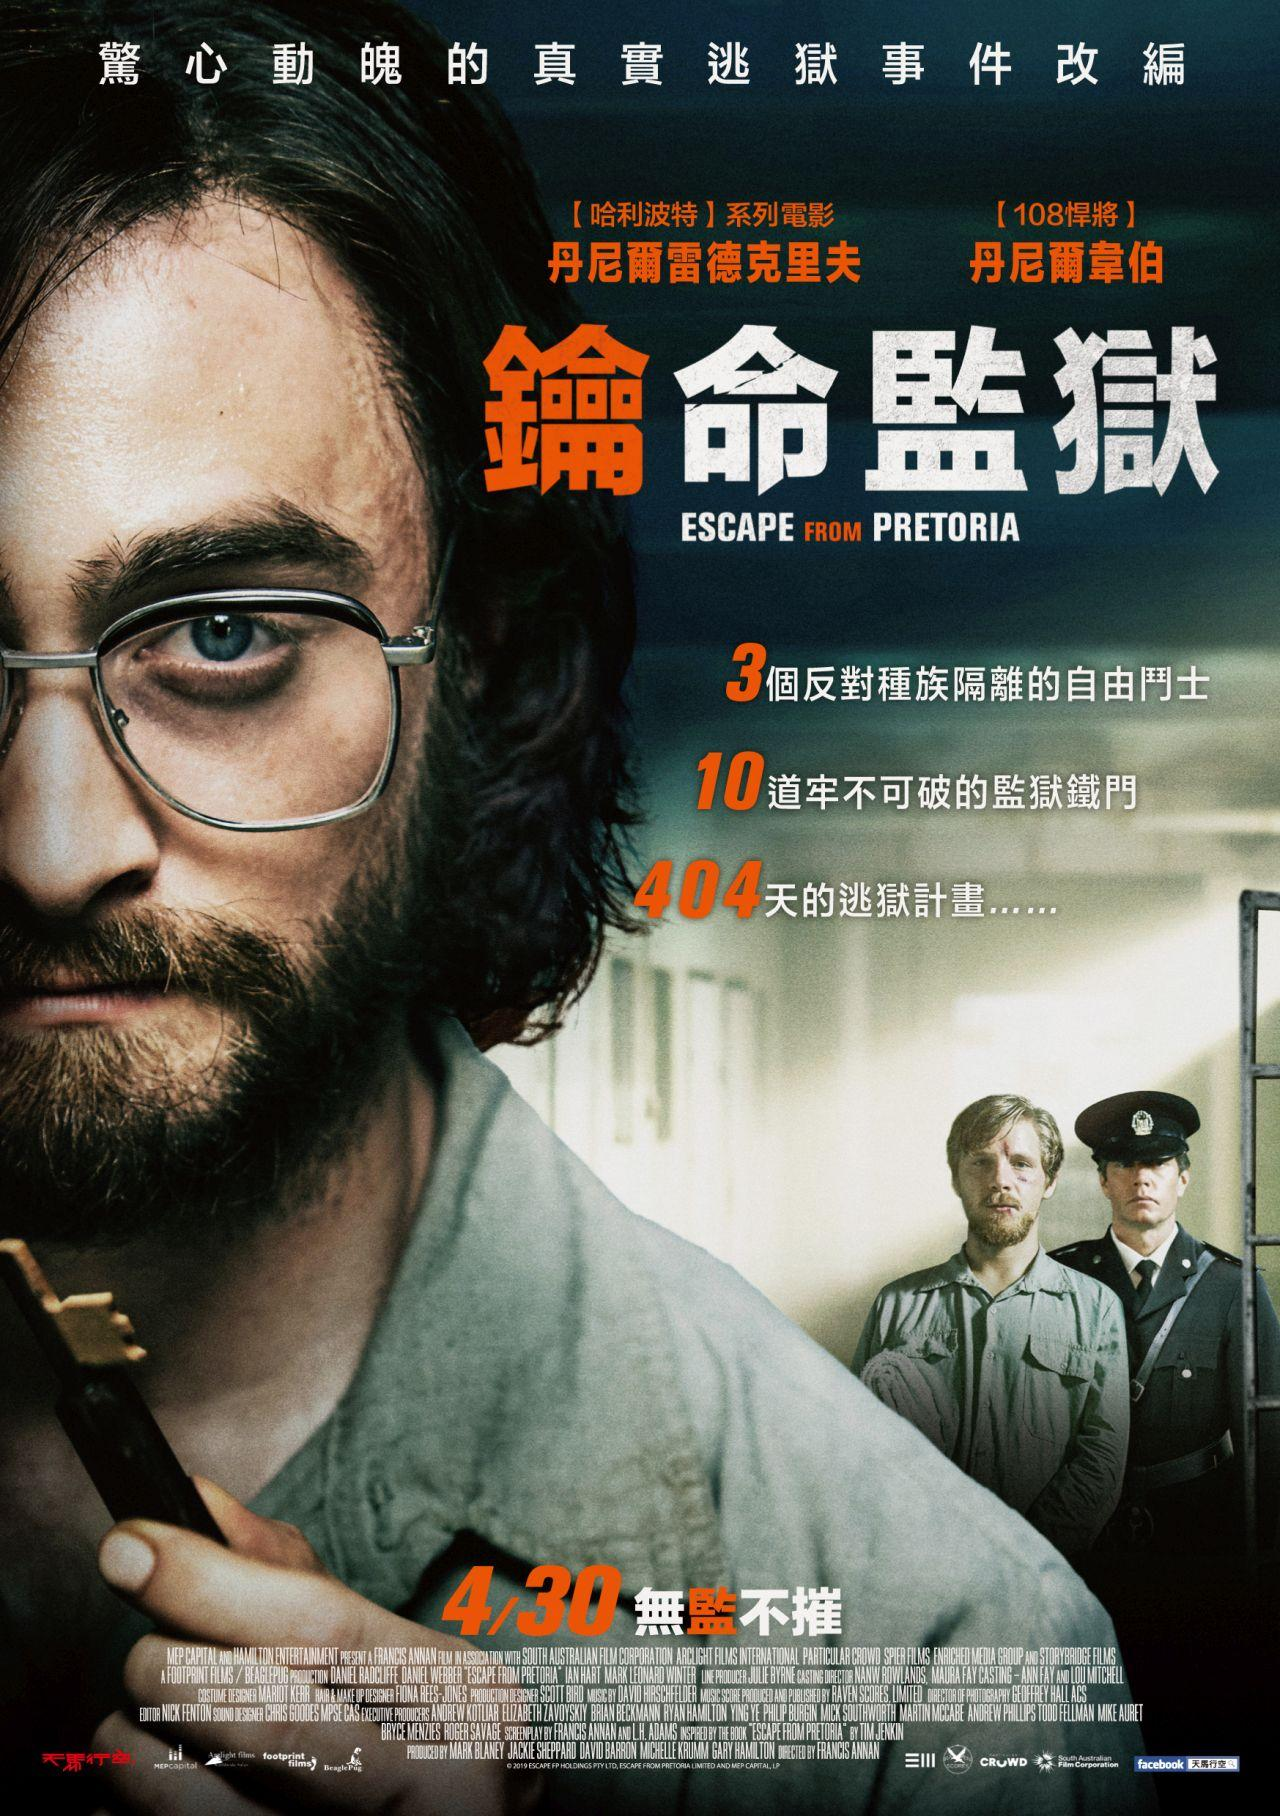 鑰命監獄 時刻表、鑰命監獄 預告片